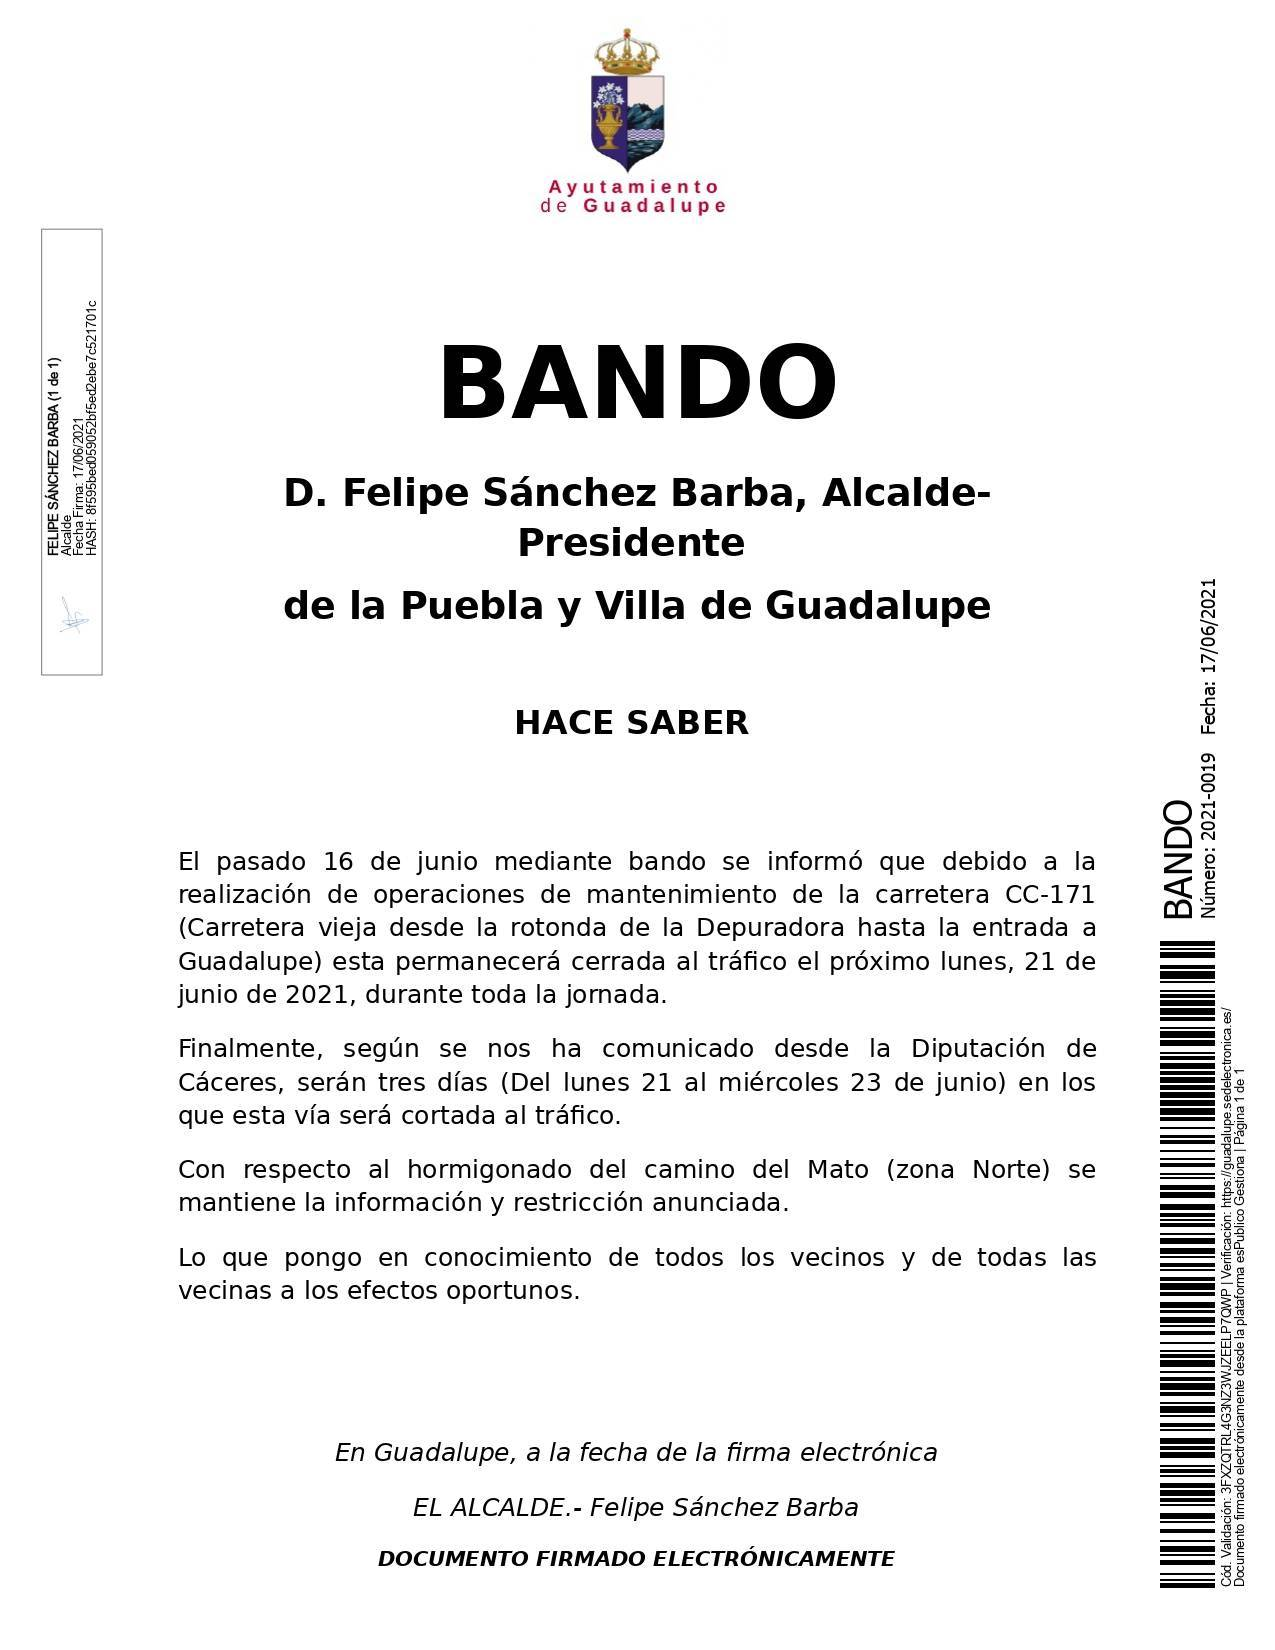 La carretera CC-171 y el camino del Mato se cerrarán al tráfico (junio 2021) - Guadalupe (Cáceres) rectificado